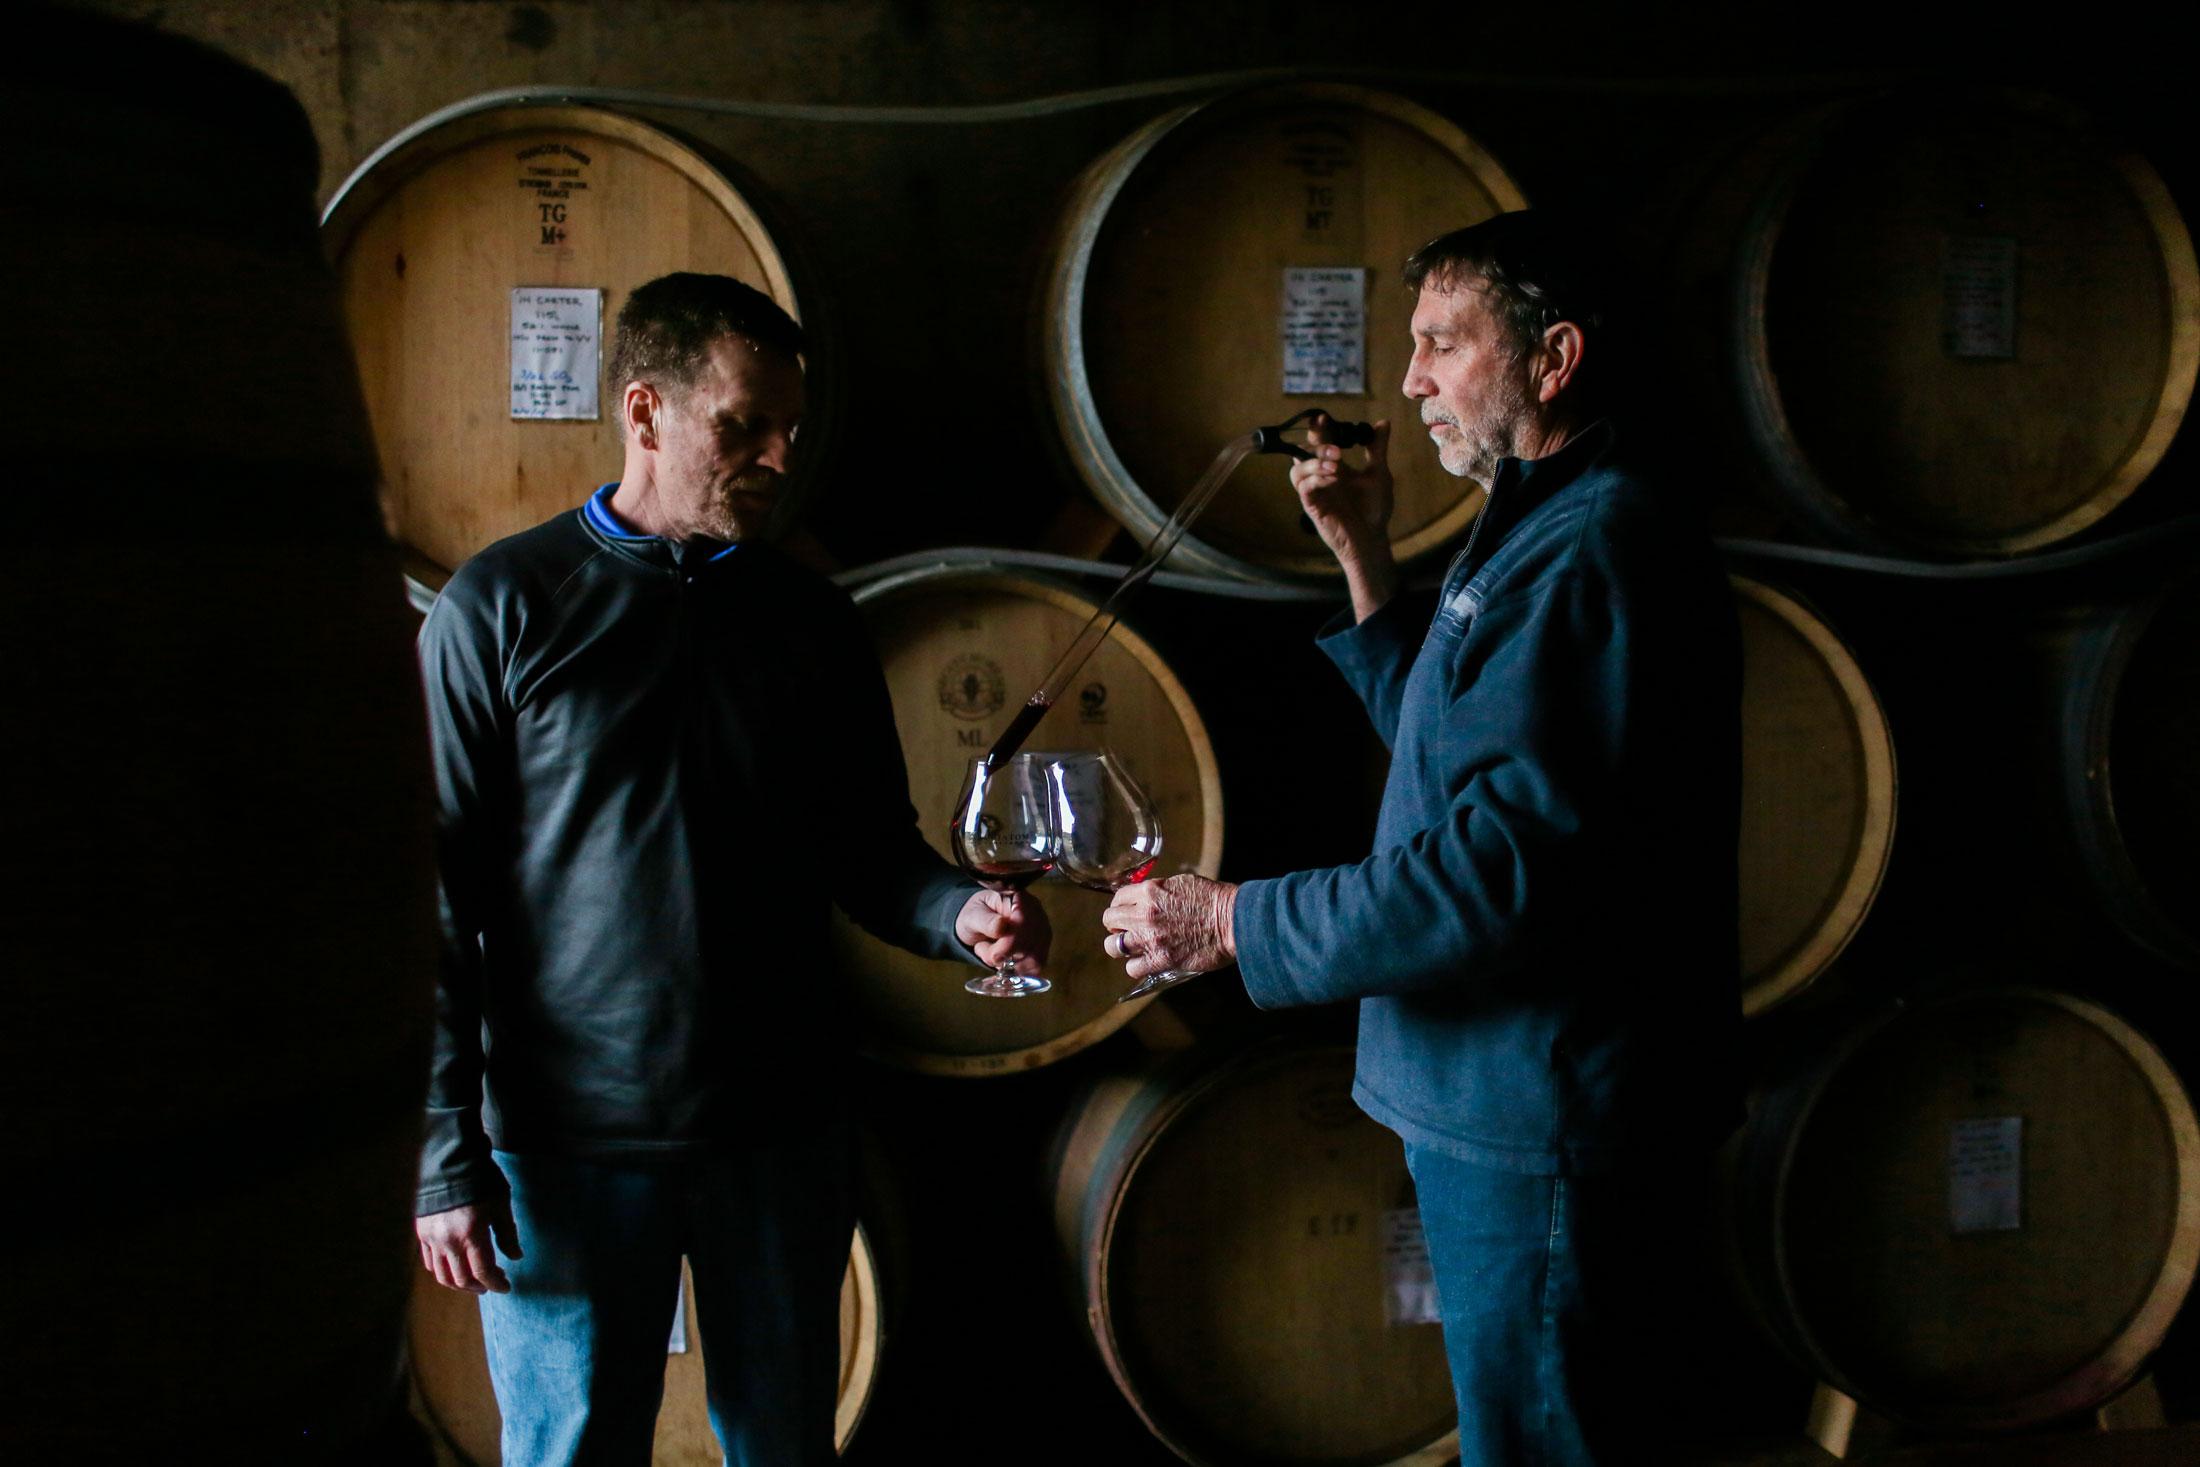 Winemakers taste wines in the cellar at Cristom Vineyards